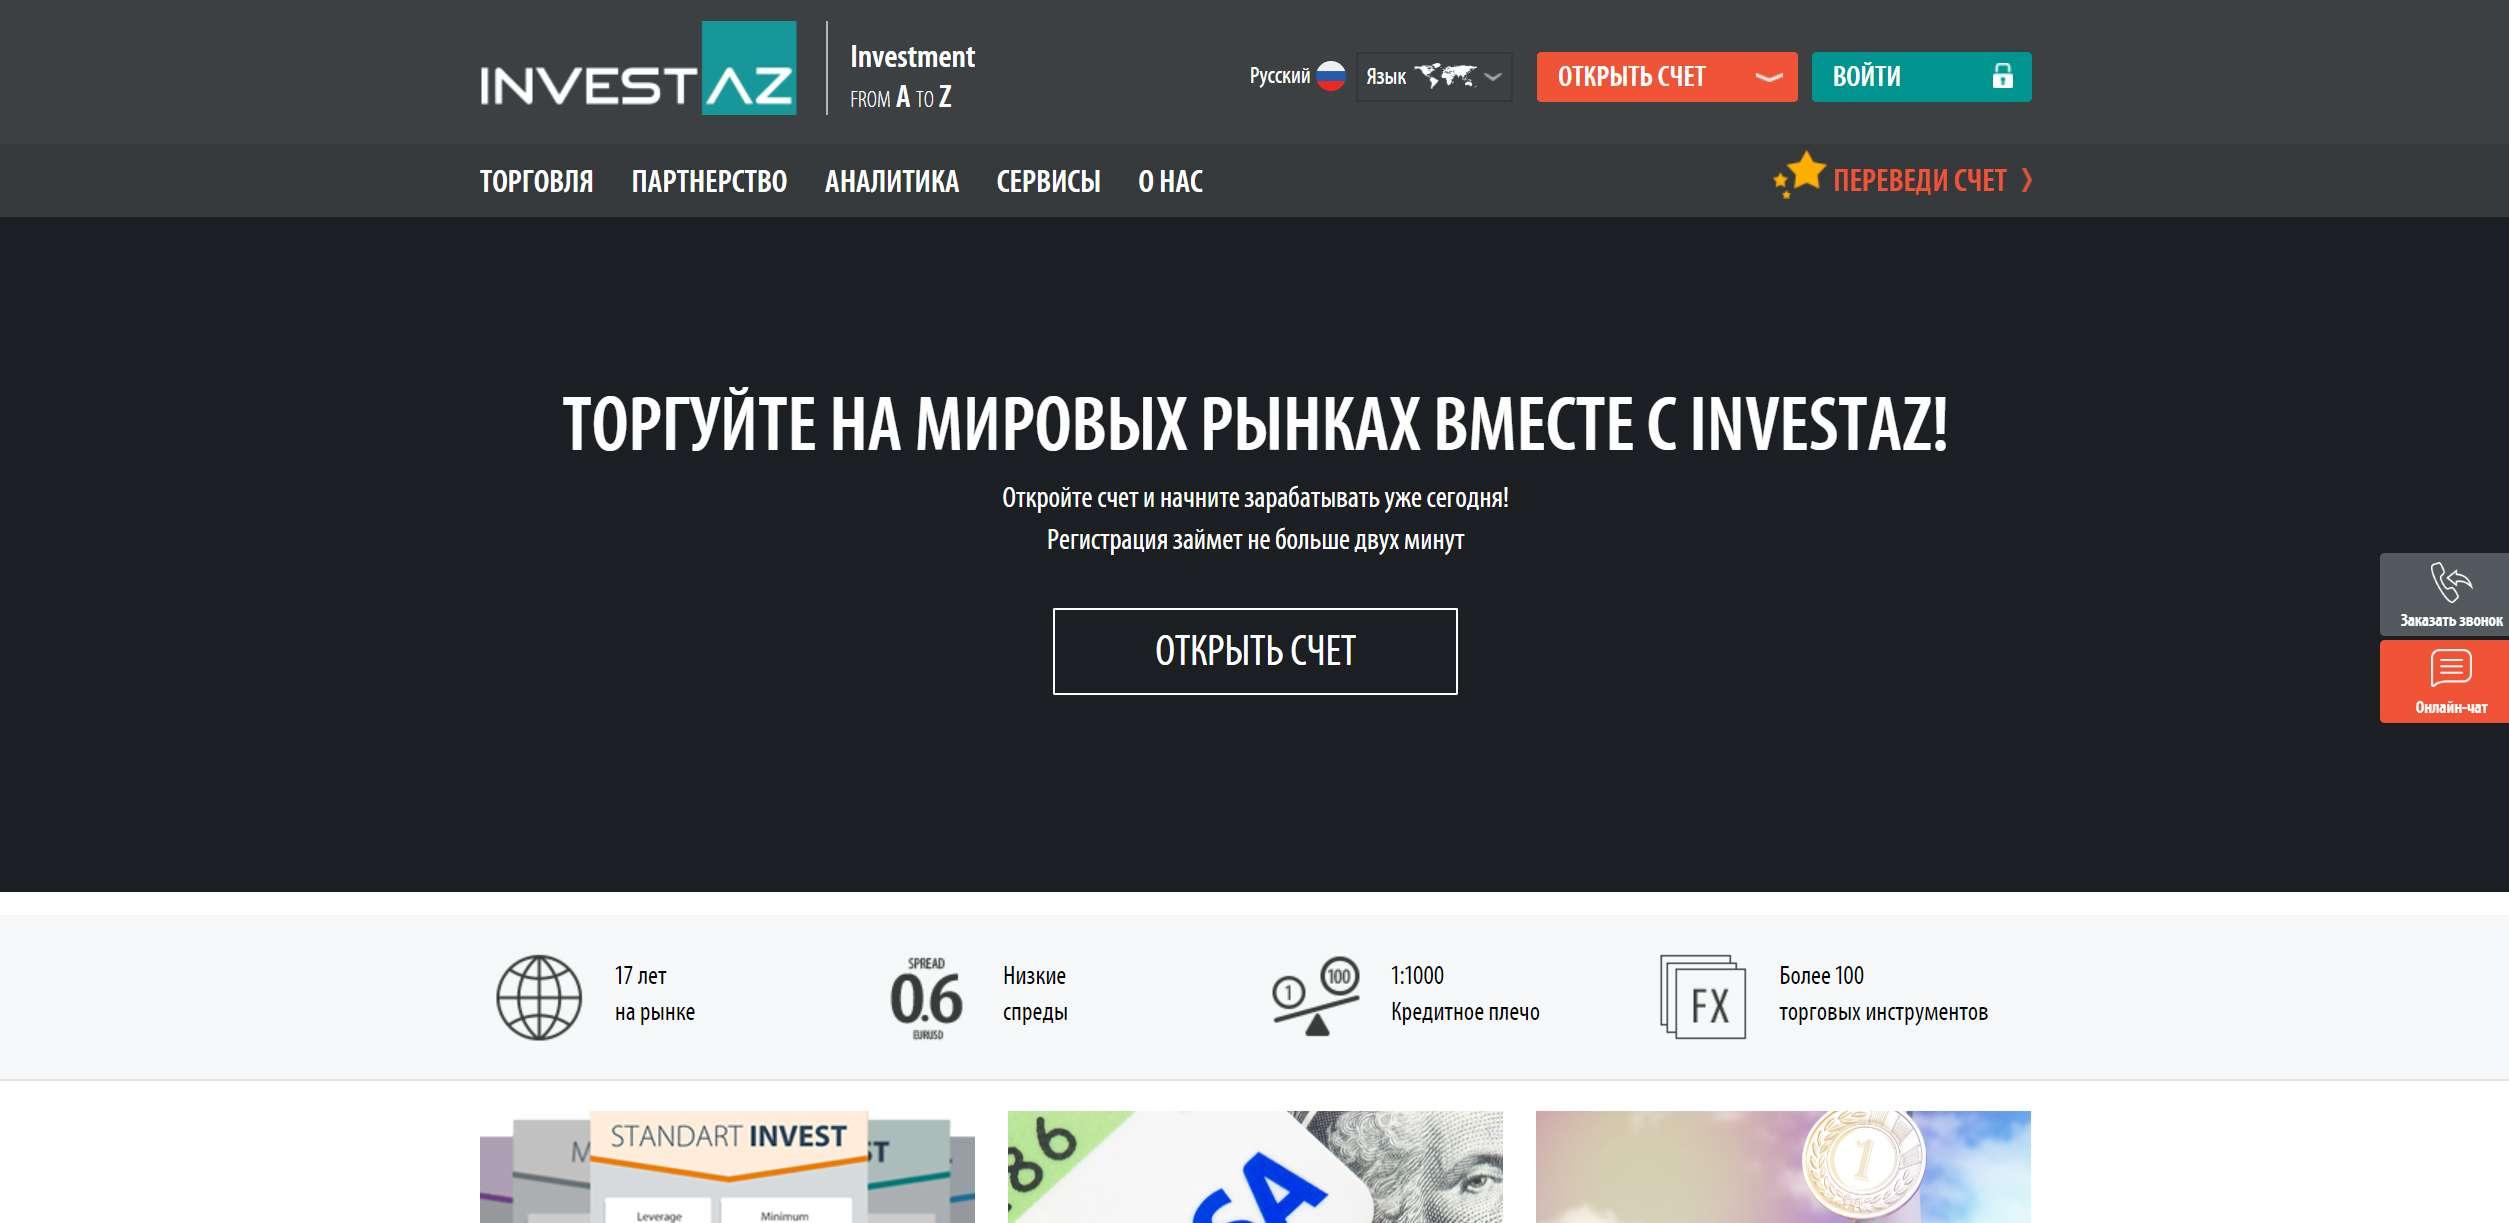 Брокер по инвестициям InvestAZ – сомнительный инвестиционный проект.